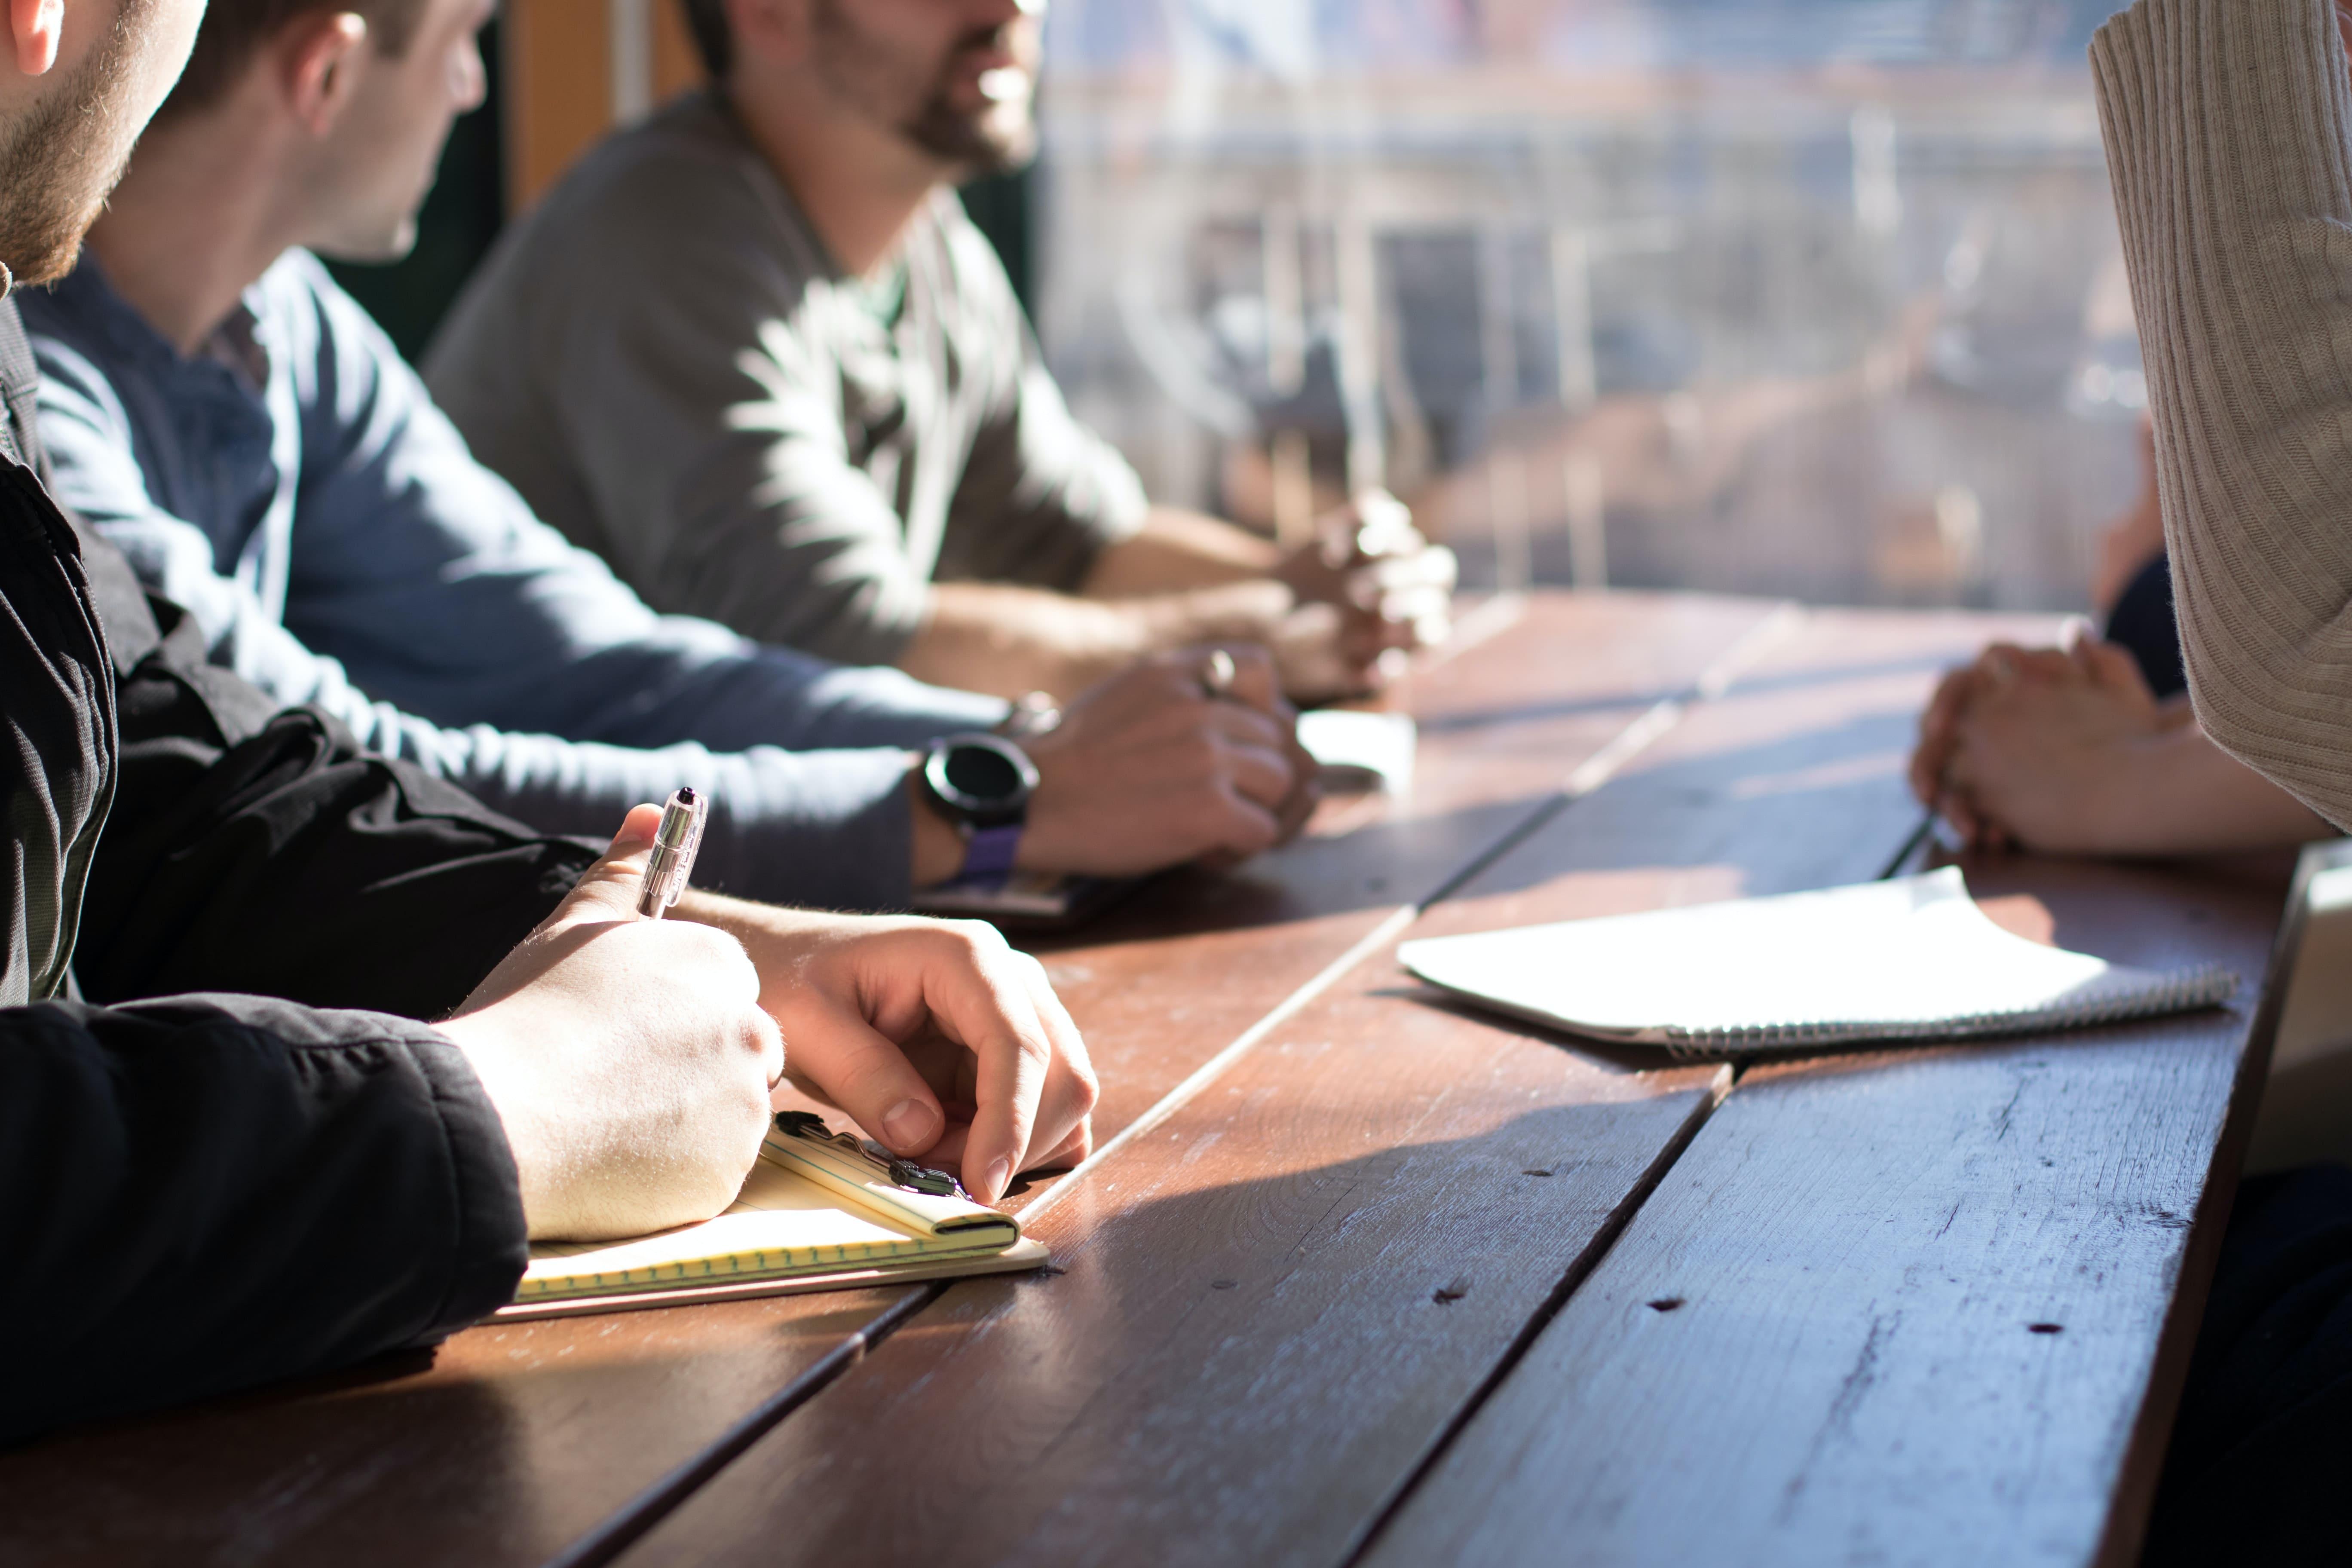 Ścieżka 8. Kluczowe umiejętności miękkie, przywództwo, budowanie zespołu, motywowanie, organizacja czasu, kreatywność, krytyczne myślenie